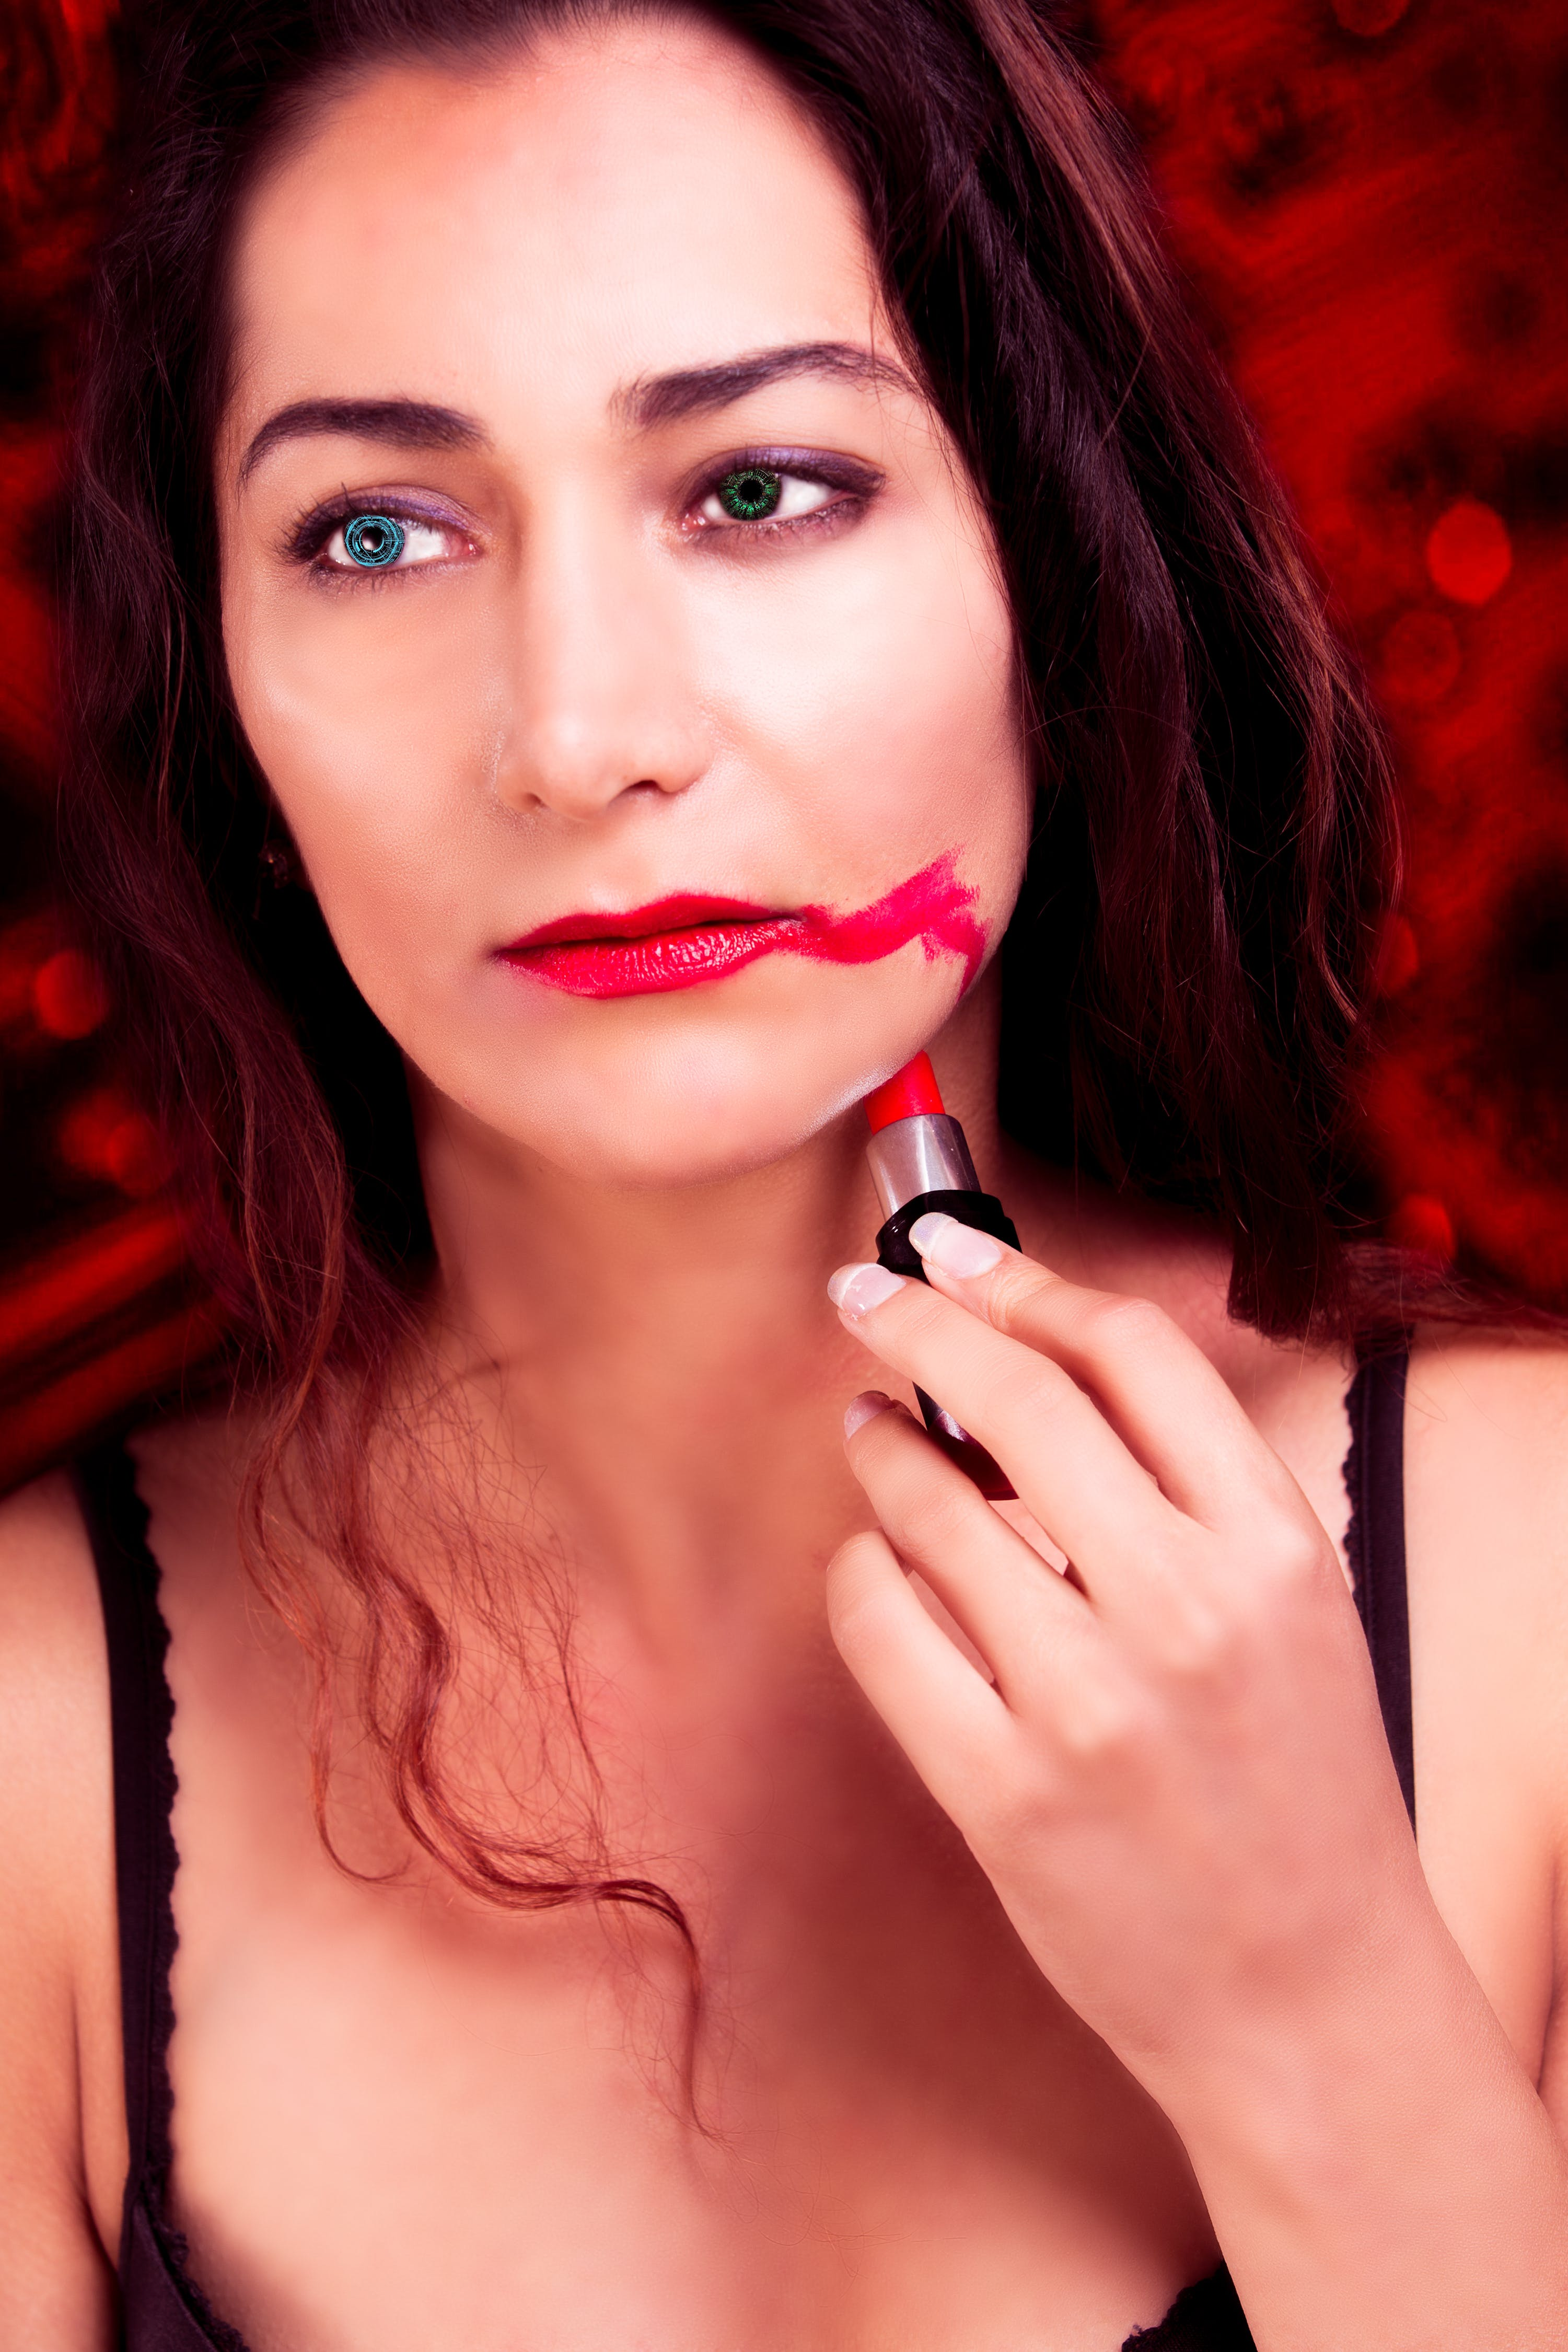 aşındırmak, çekici; cazip, cilt, dudaklar içeren Ücretsiz stok fotoğraf